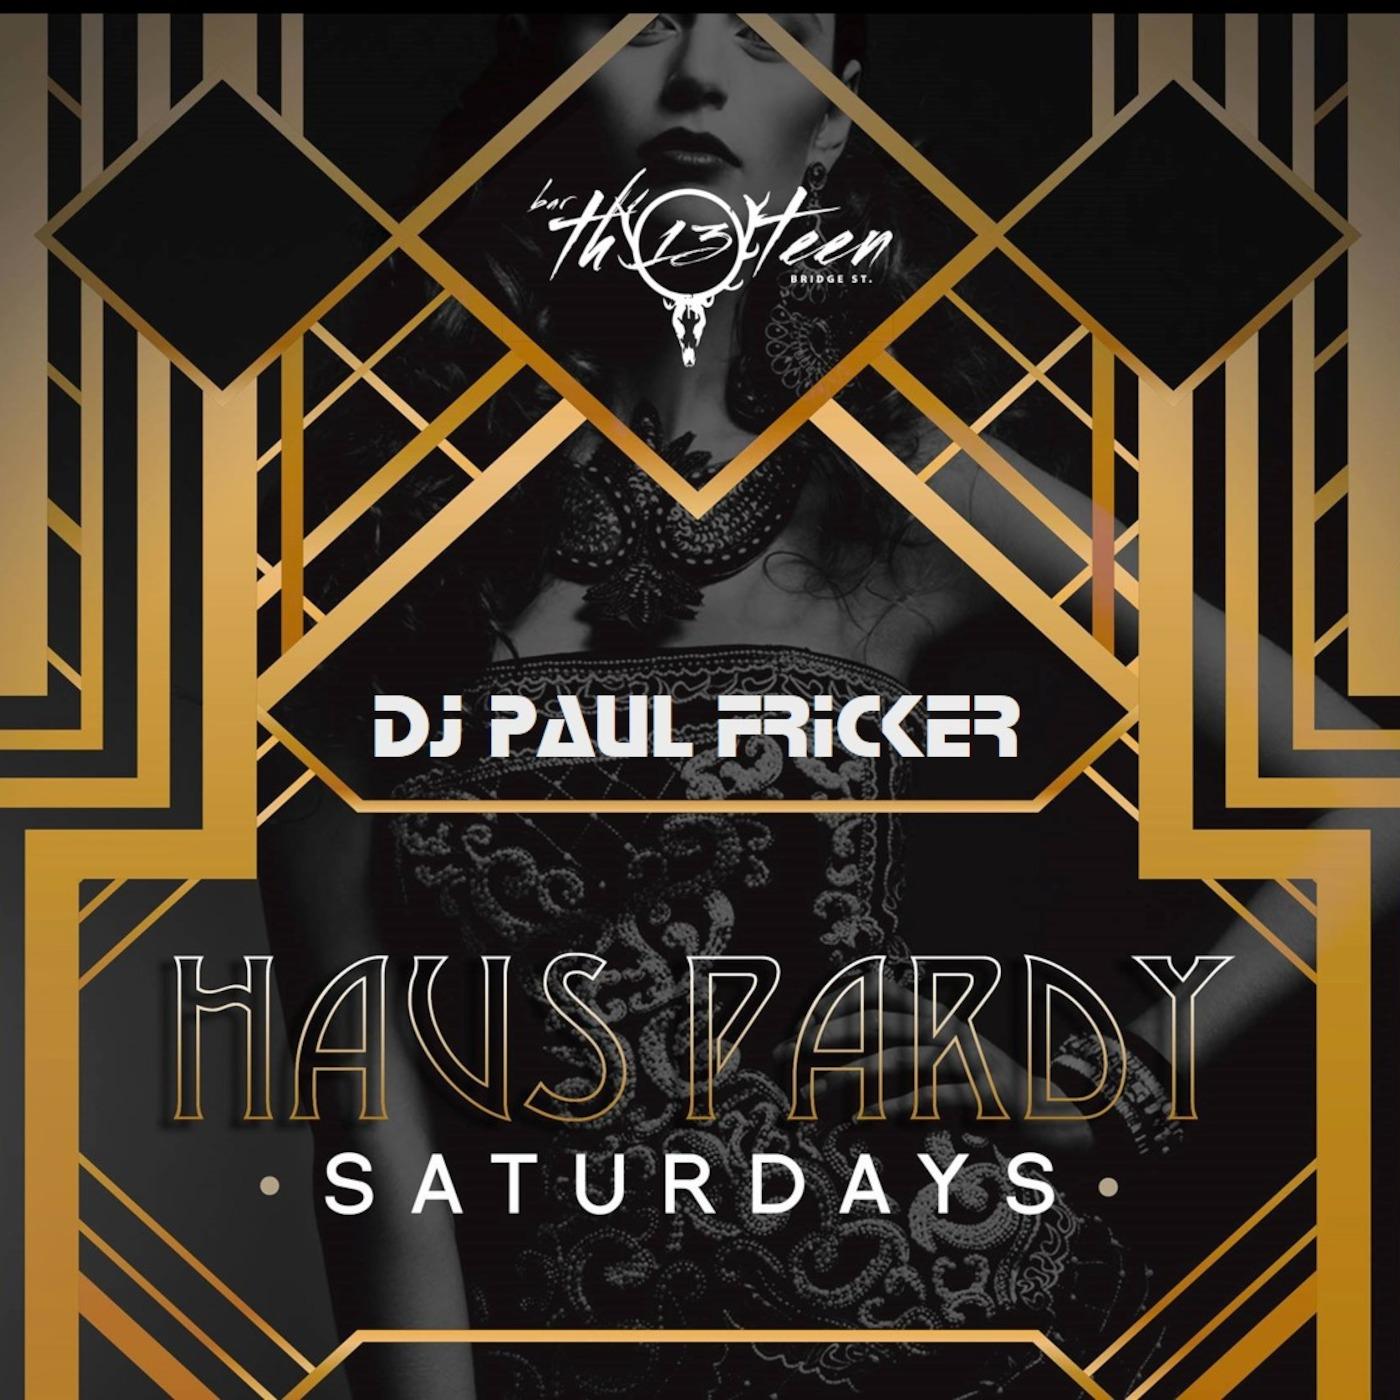 DJ Paul Fricker Bar Thirteen Sets